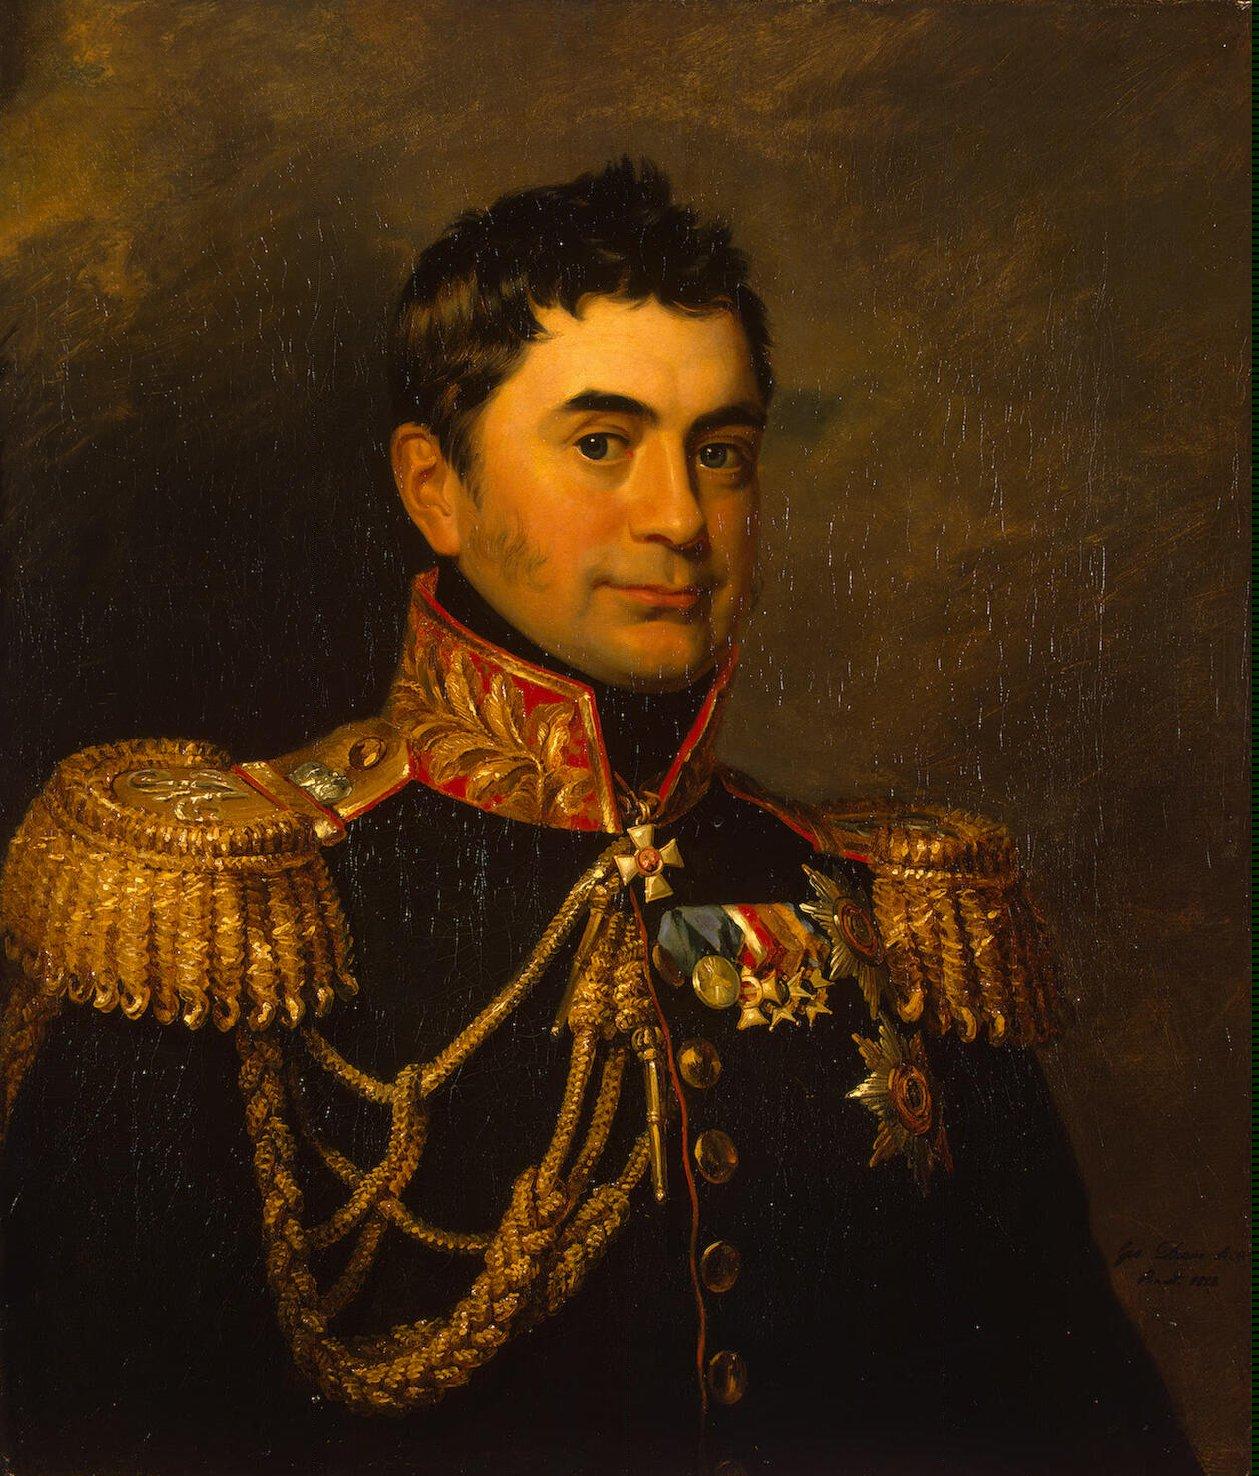 Волконский, Пётр Михайлович.